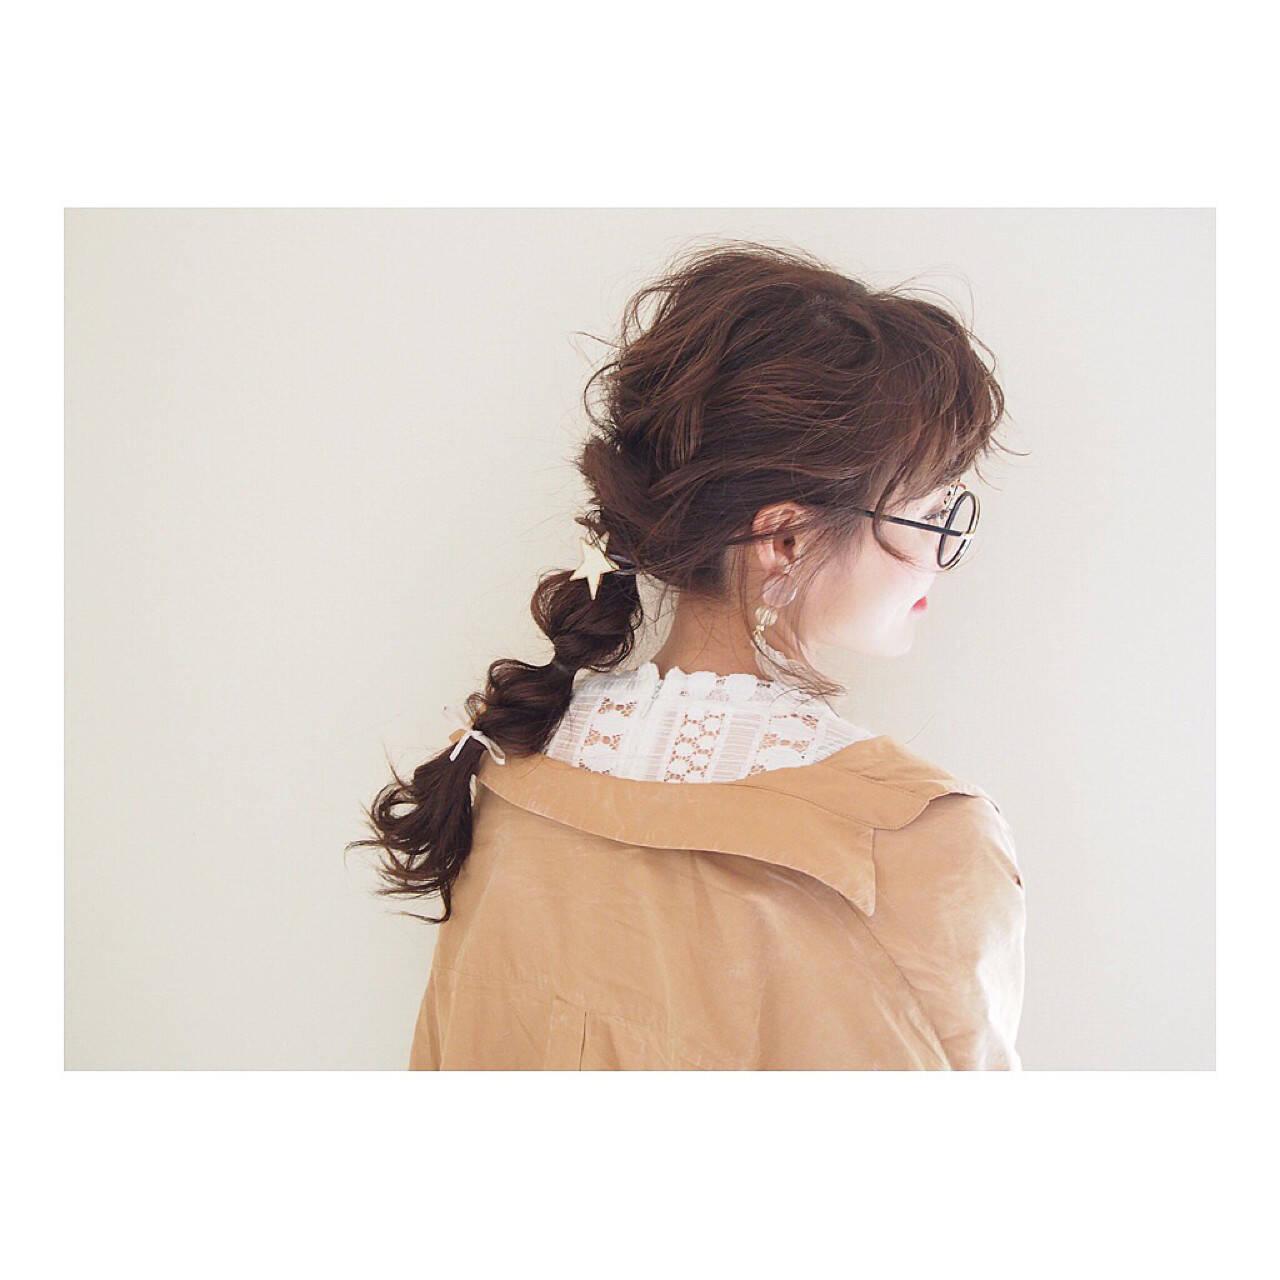 ナチュラル ロング 三つ編み ヘアアレンジヘアスタイルや髪型の写真・画像